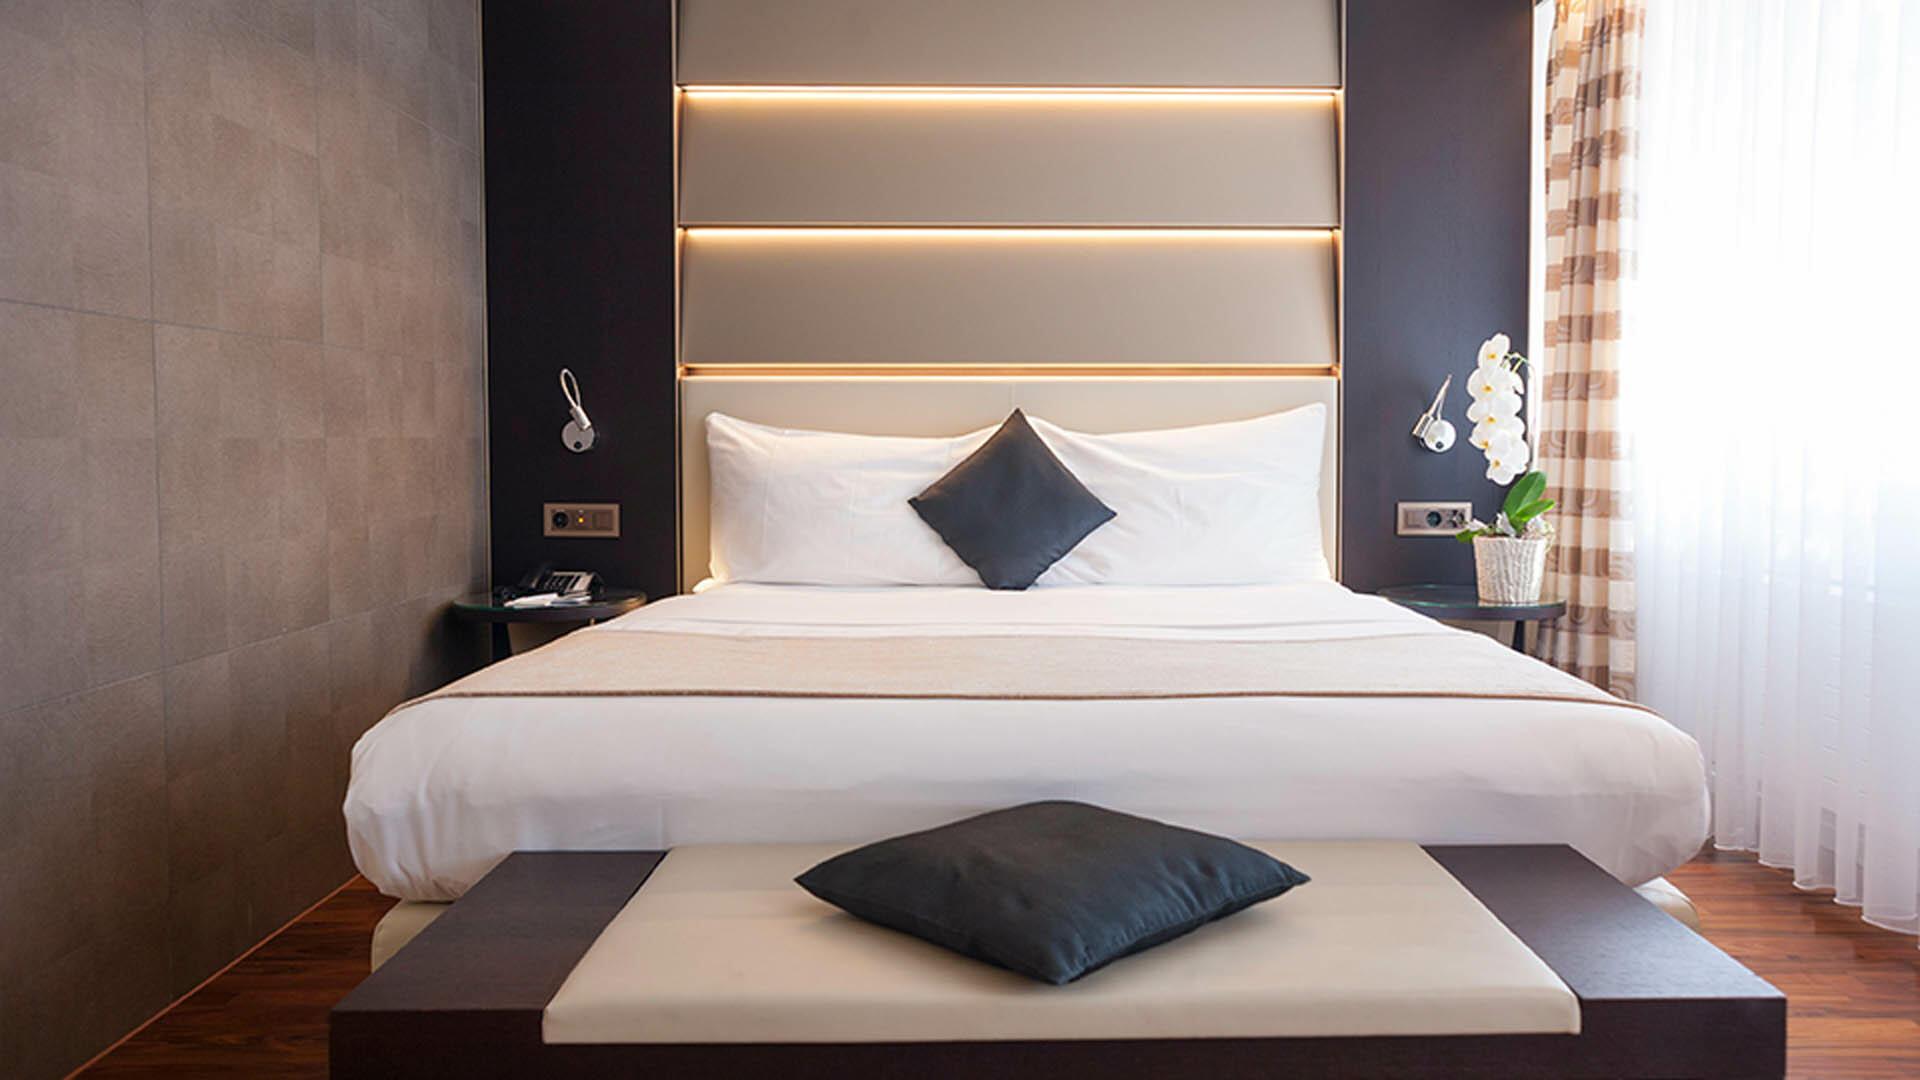 Double Premium Room at Hotel Krone Unterstrass in Zurich